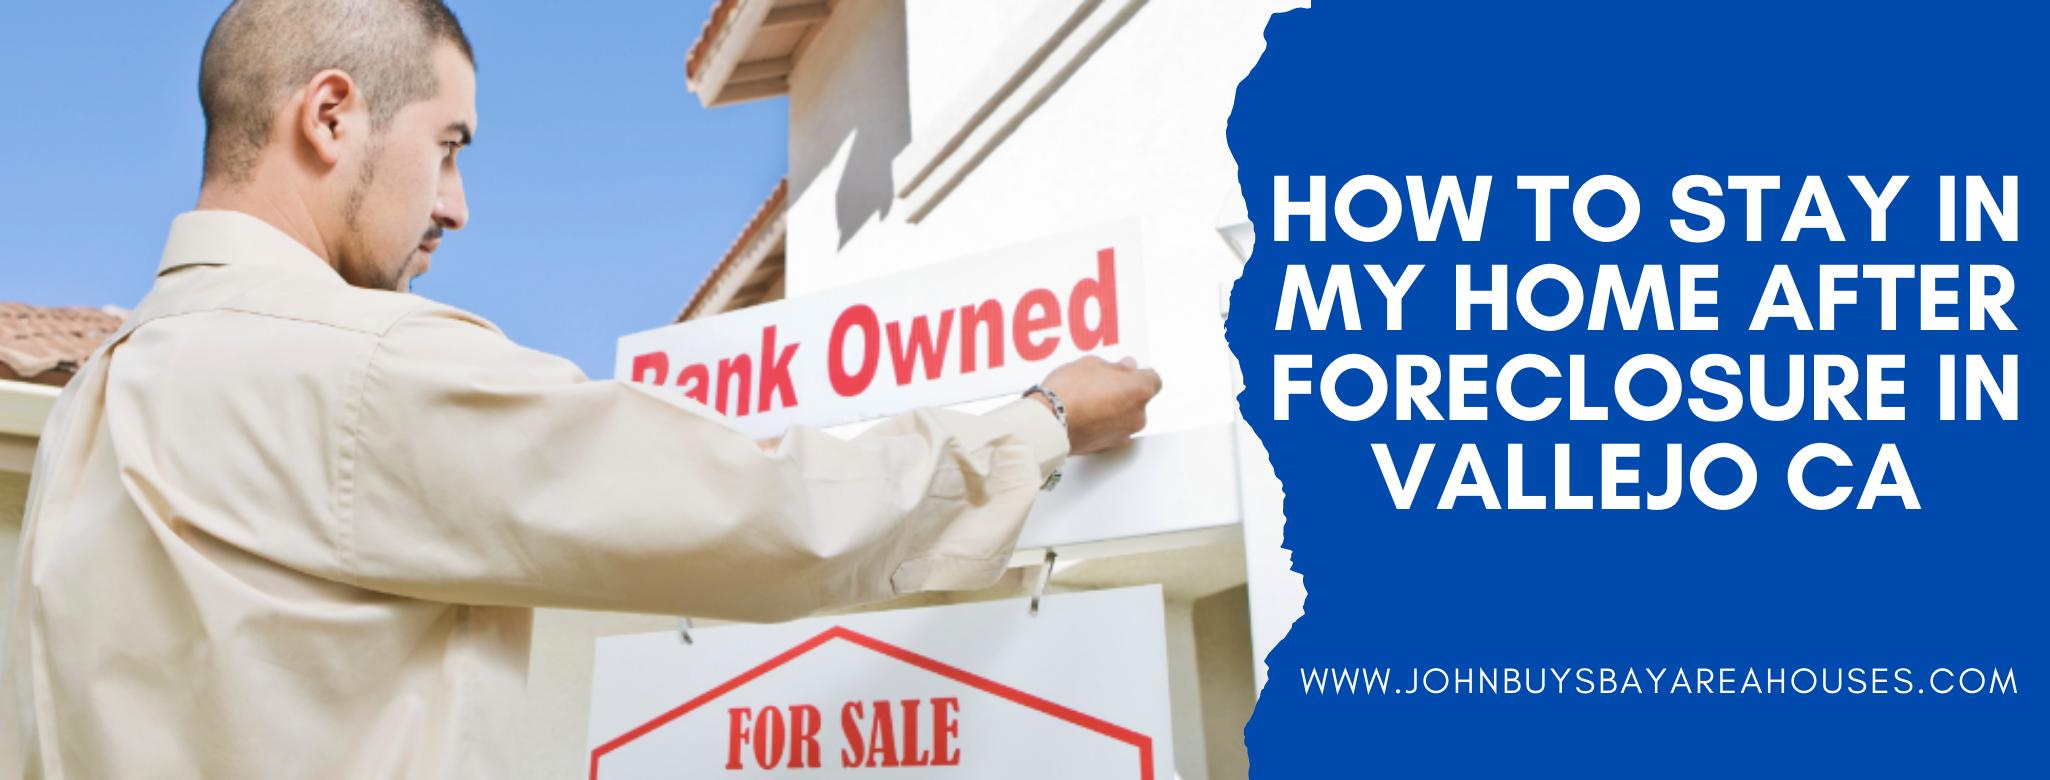 We buy properties in Vallejo CA